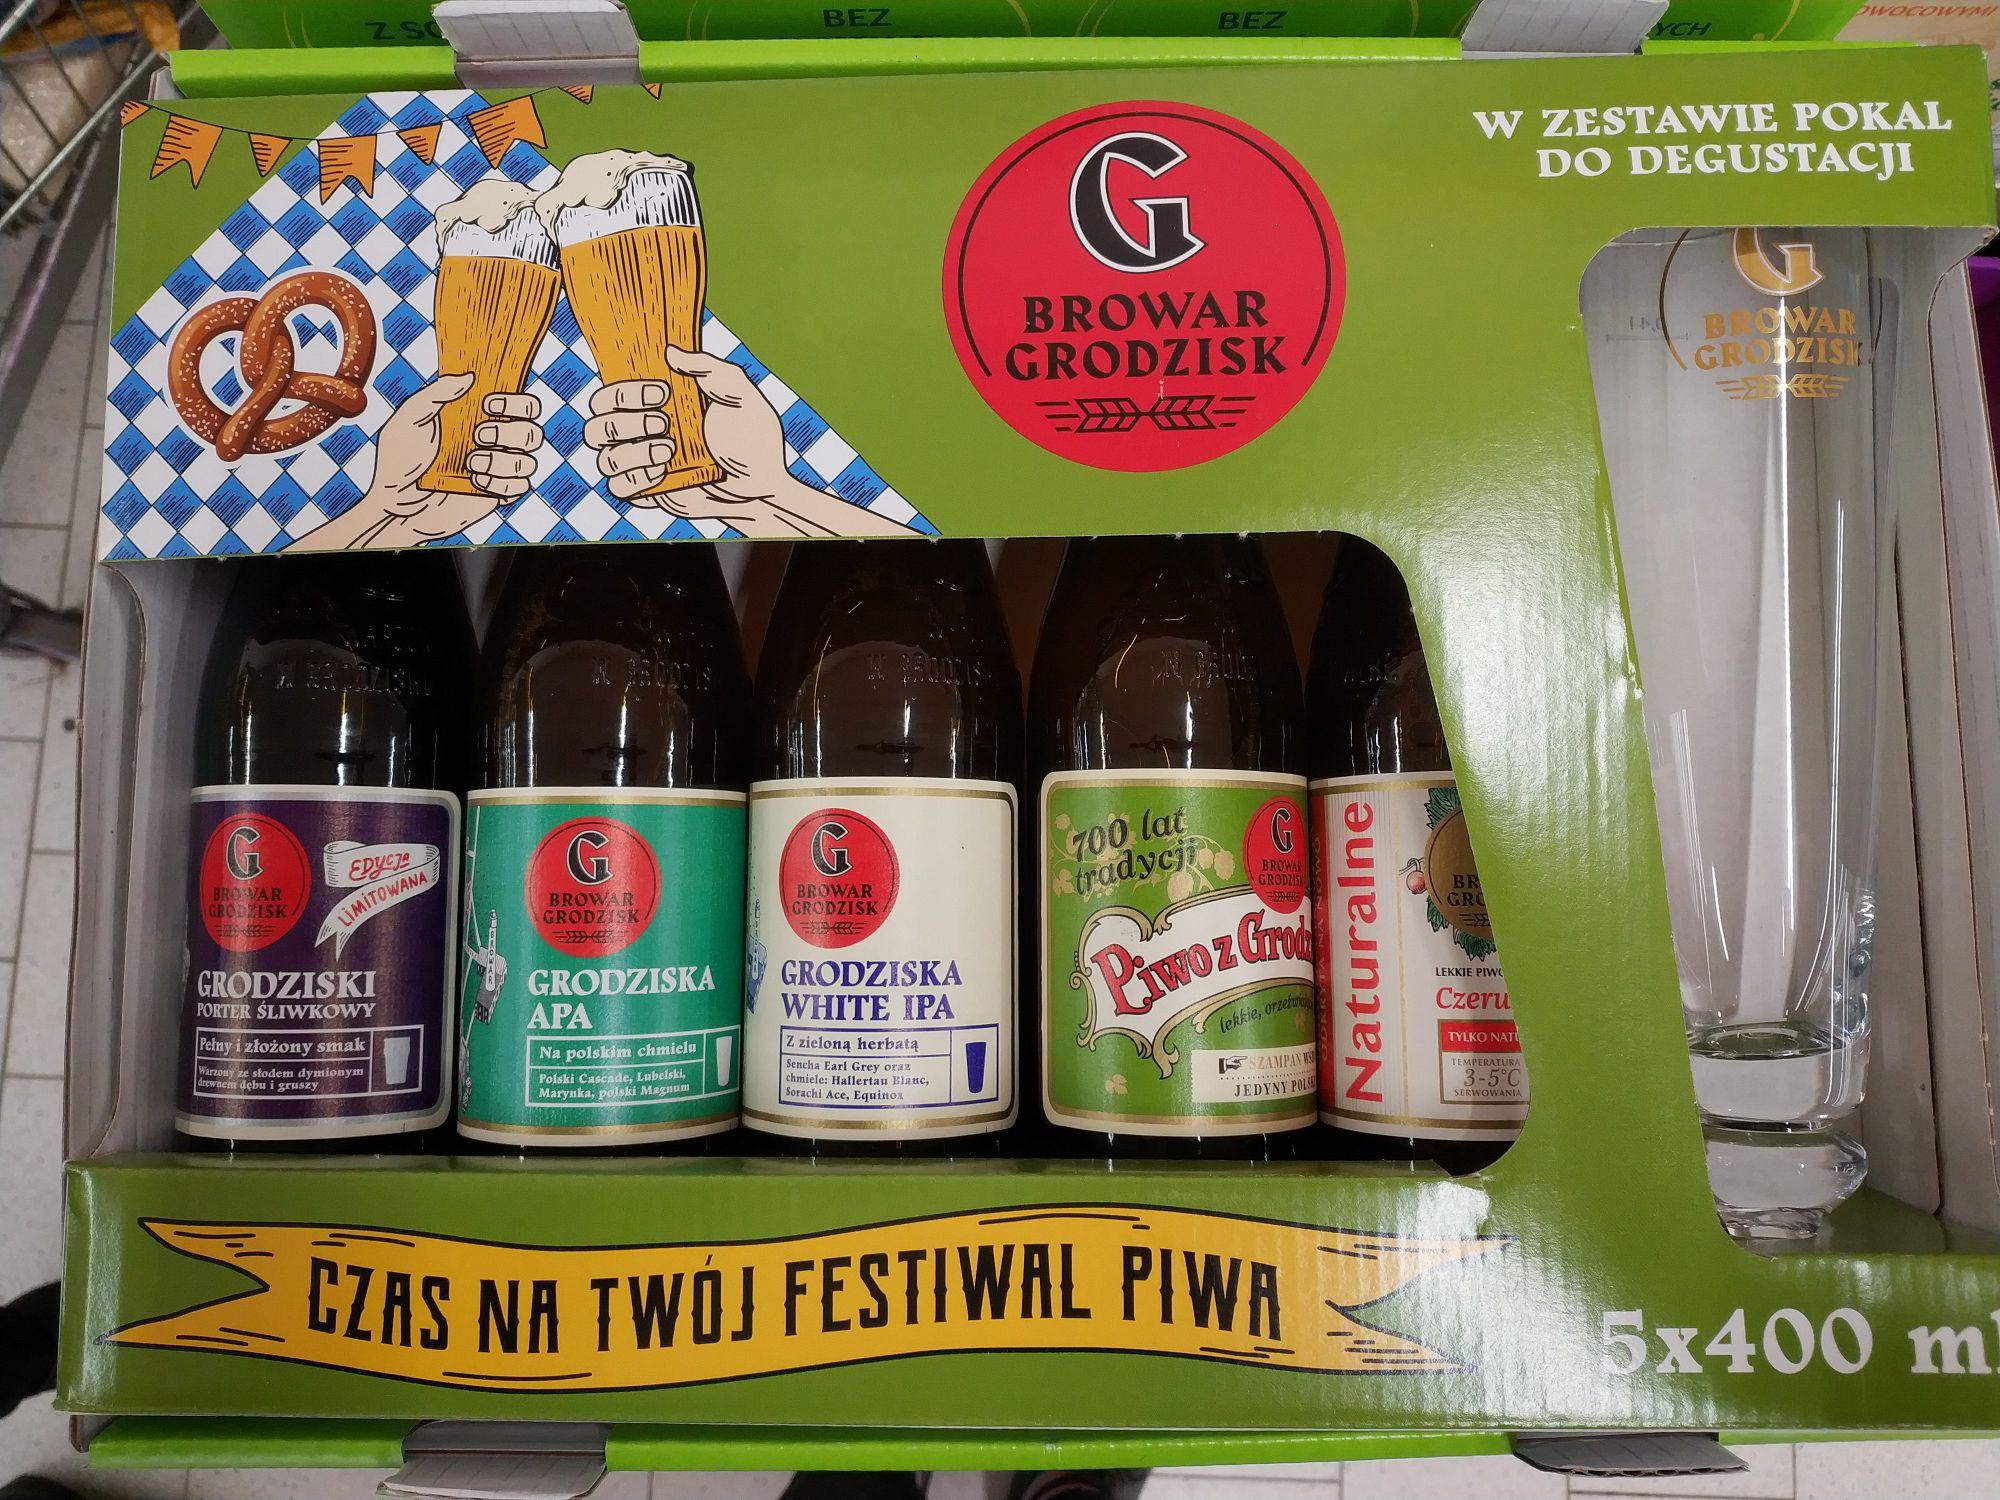 Piwo Grodziskie zestaw